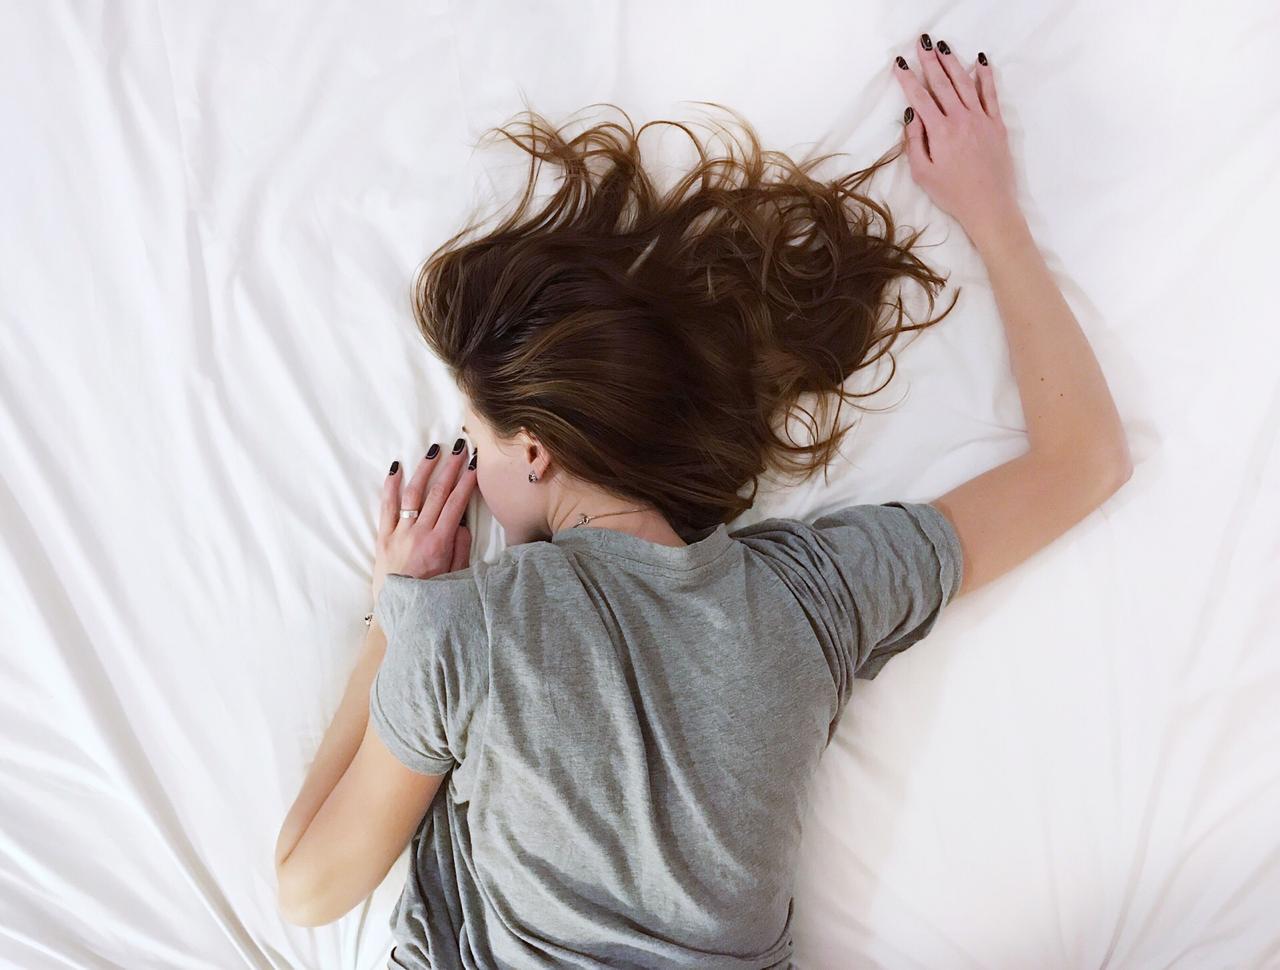 كيف اتخلص من ألم الدورة الشهرية